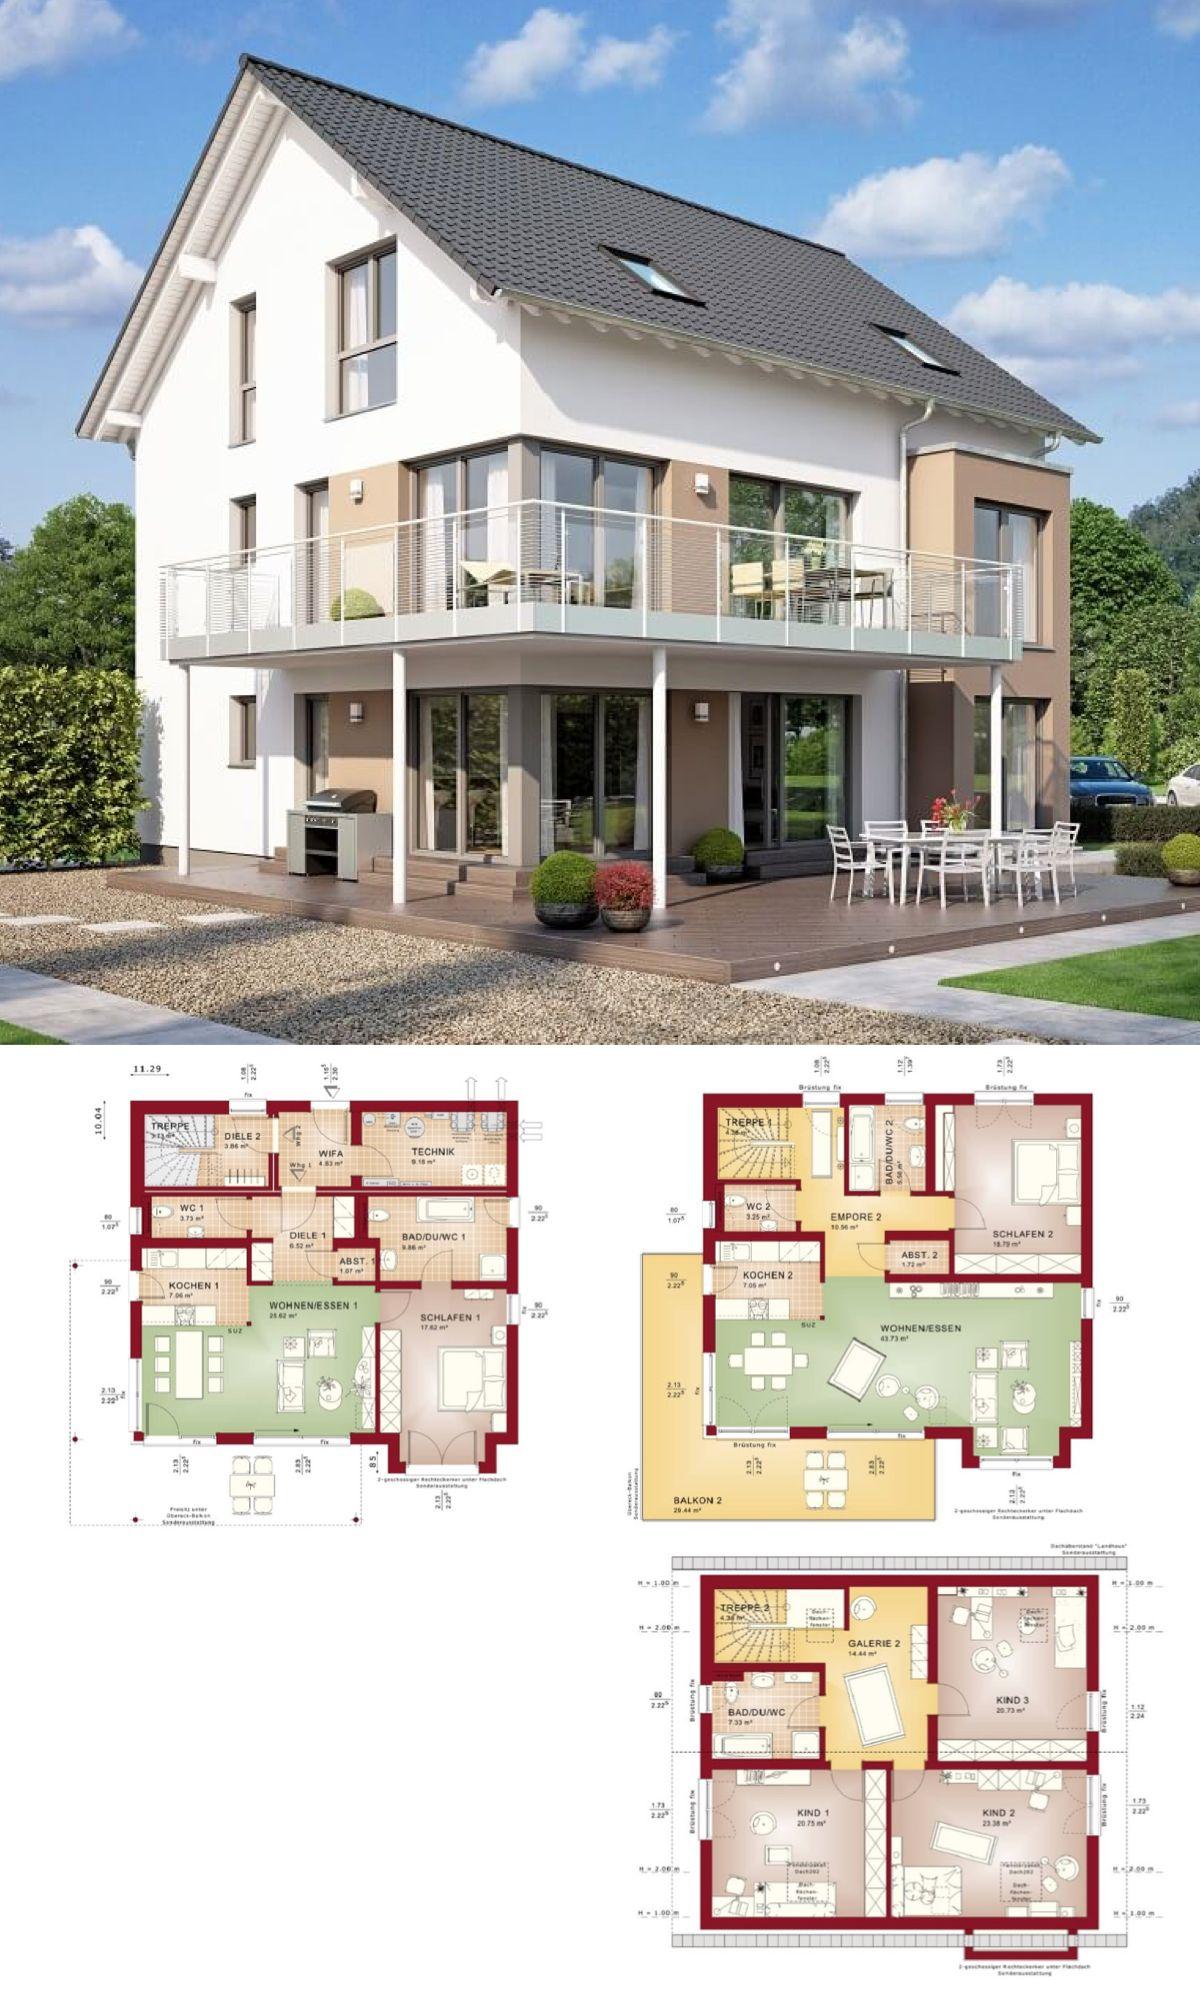 Modernes Zweifamilienhaus Mit Einliegerwohnung